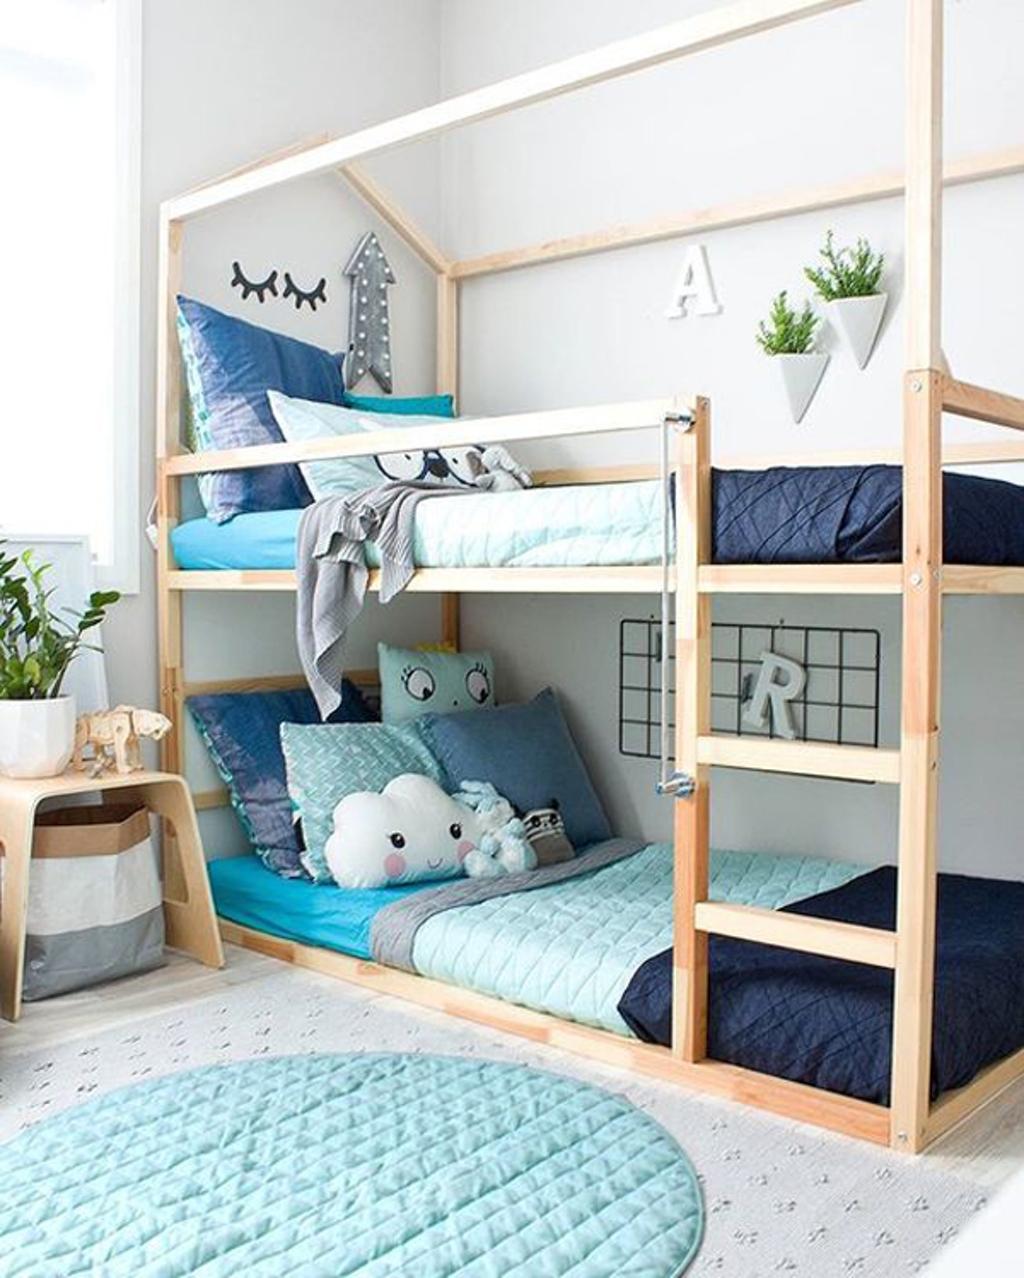 بالصور صور غرف اطفال , اجمل تصميمات لغرف الاطفال 6650 8